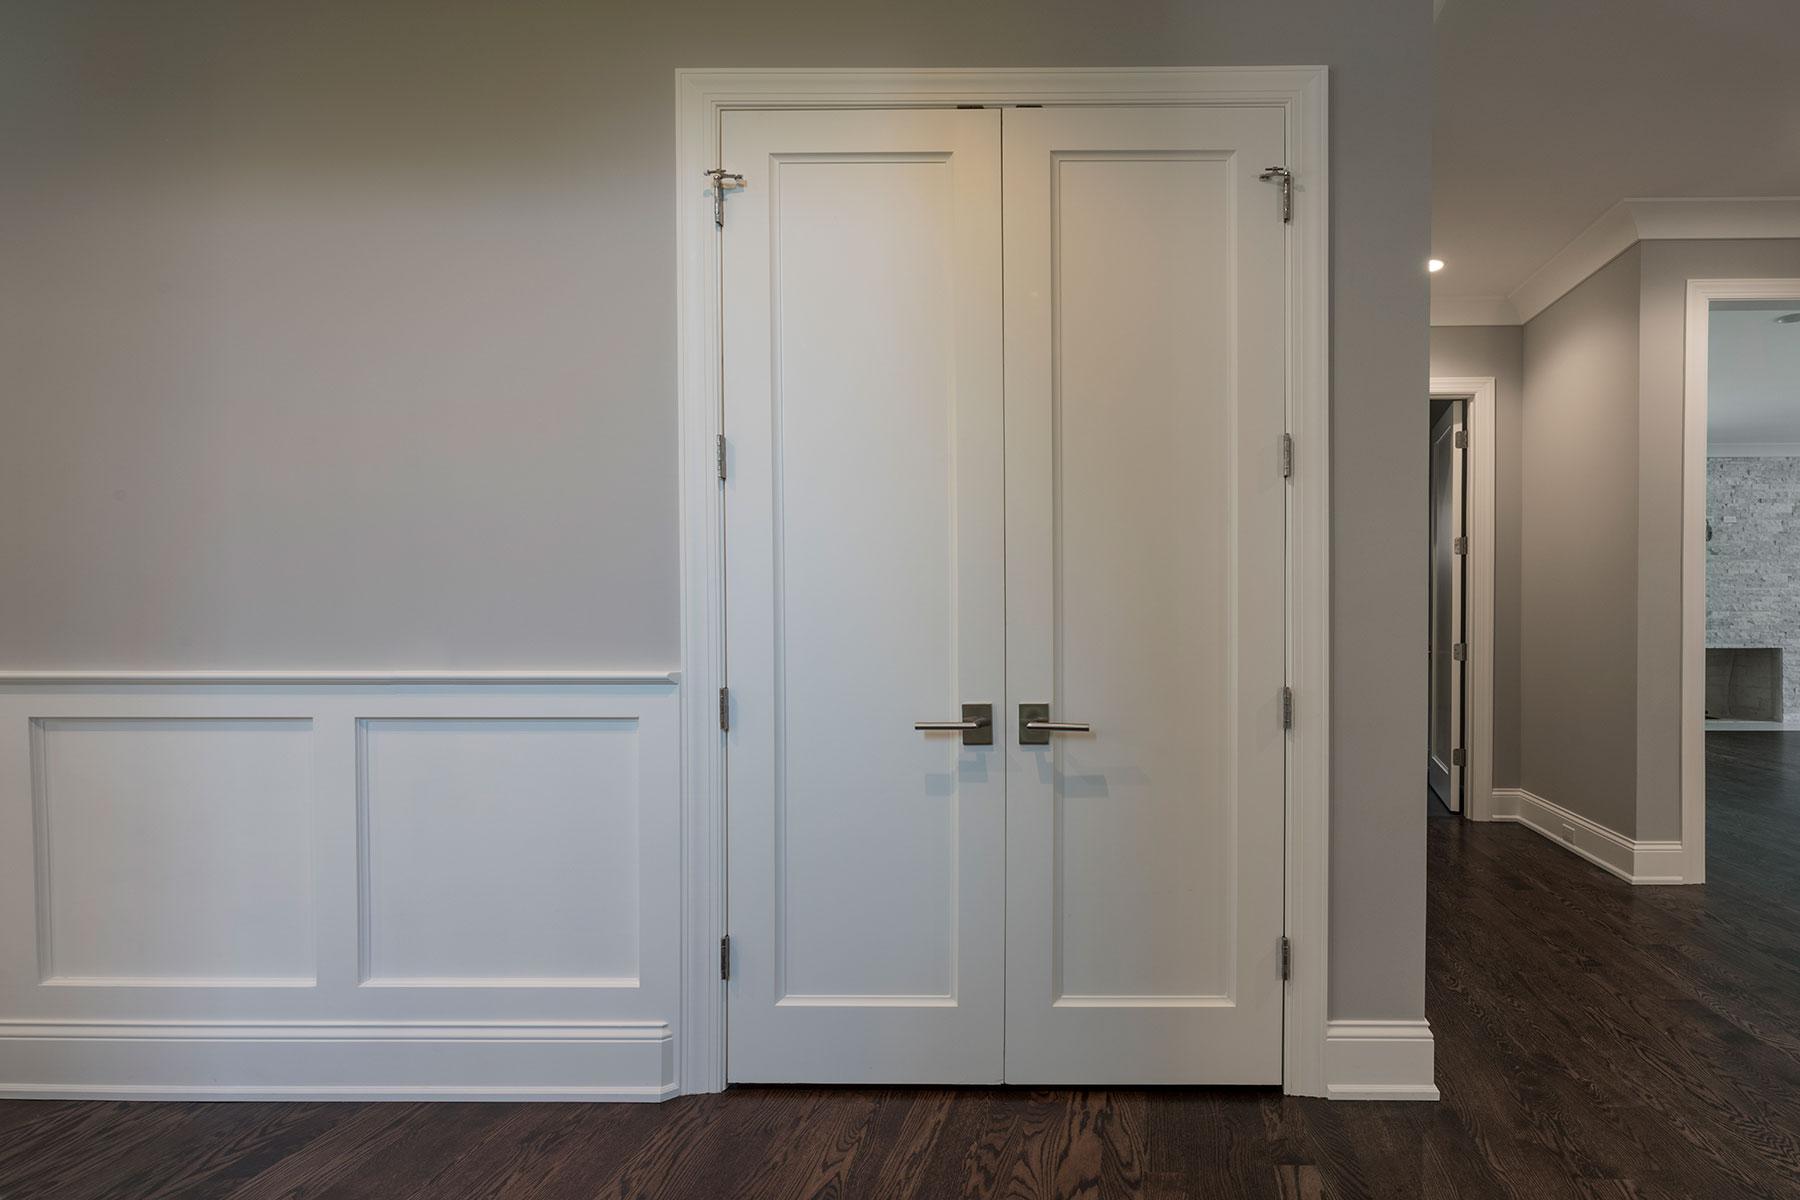 Custom Wood Interior Doors | Paint Grade Custom Interior Doors  - Glenview Doors - Custom Doors in Chicago